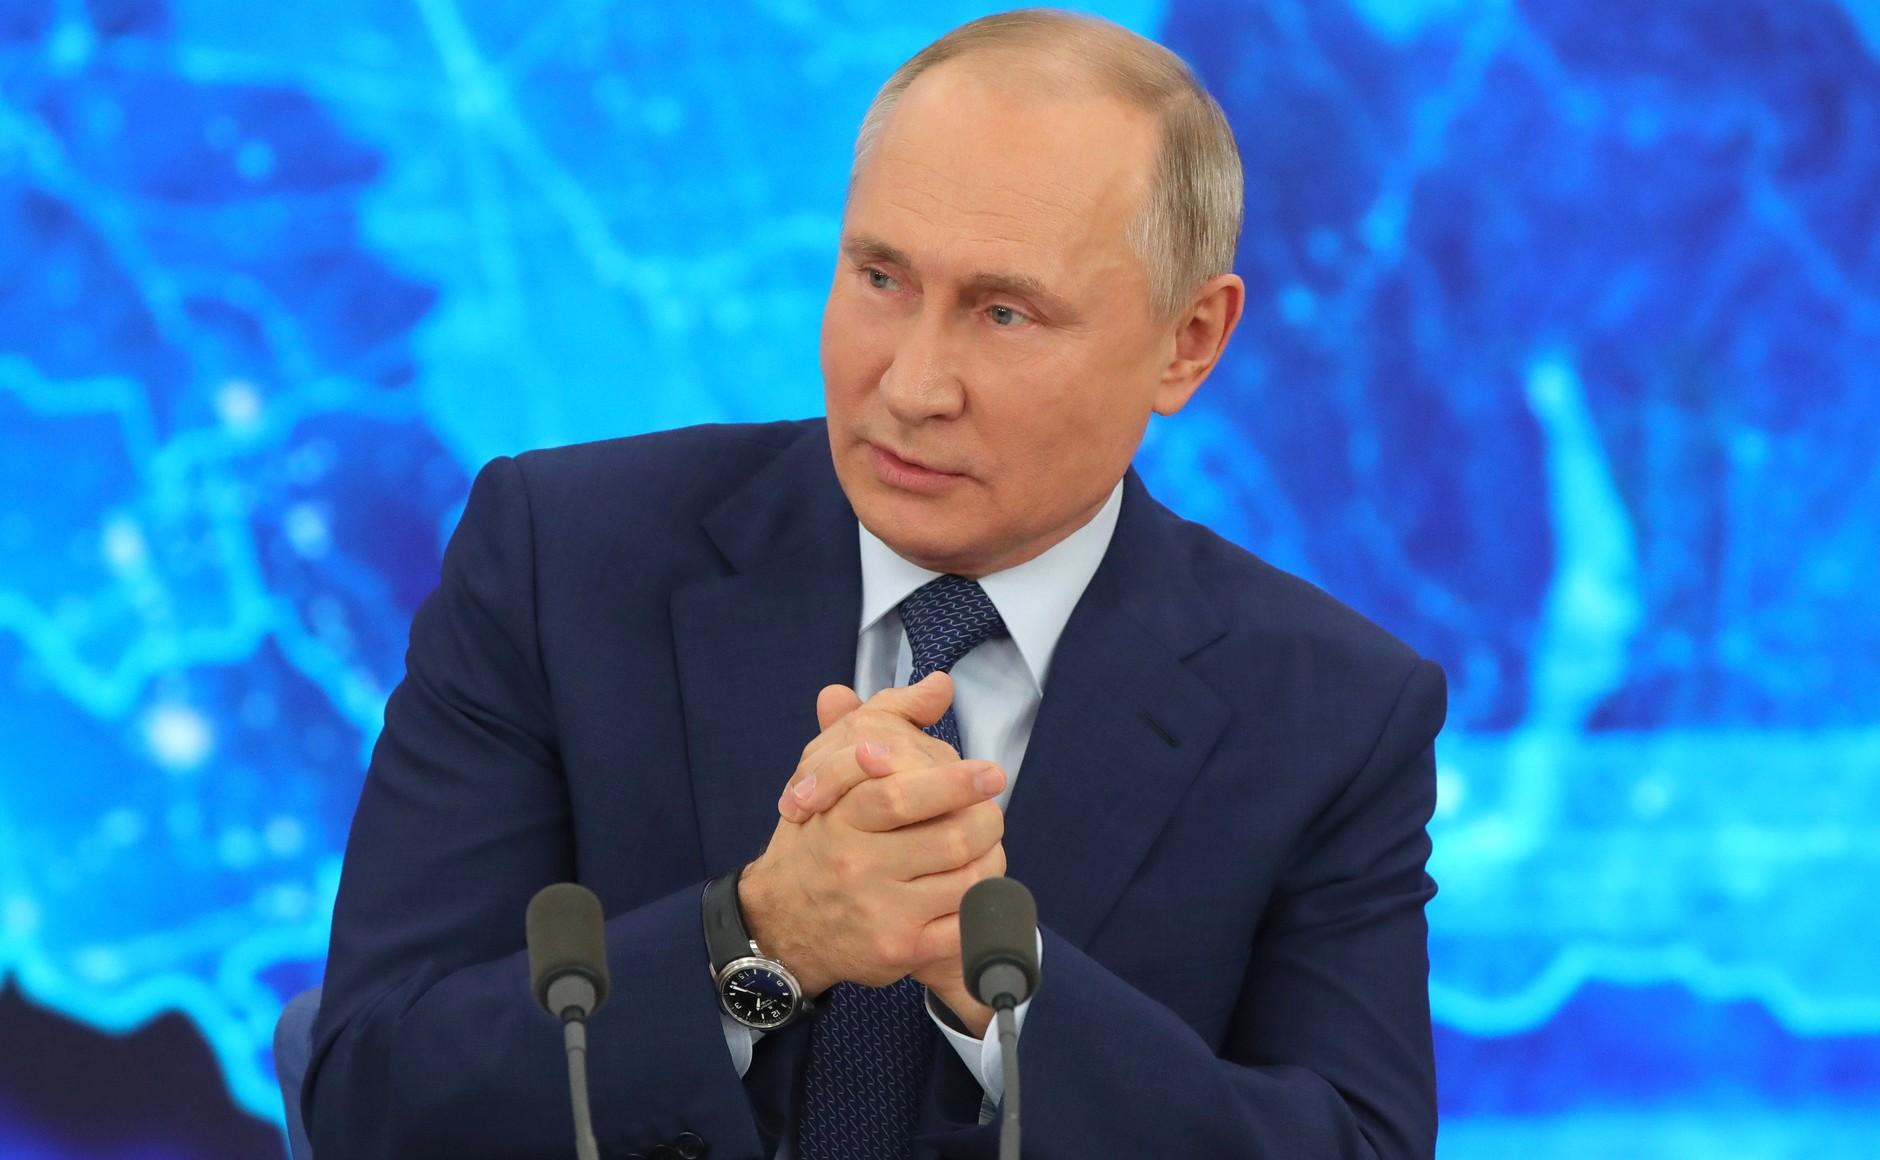 Аксёнов: Президент в очередной раз продемонстрировал беспрецедентную для мирового лидера открытость